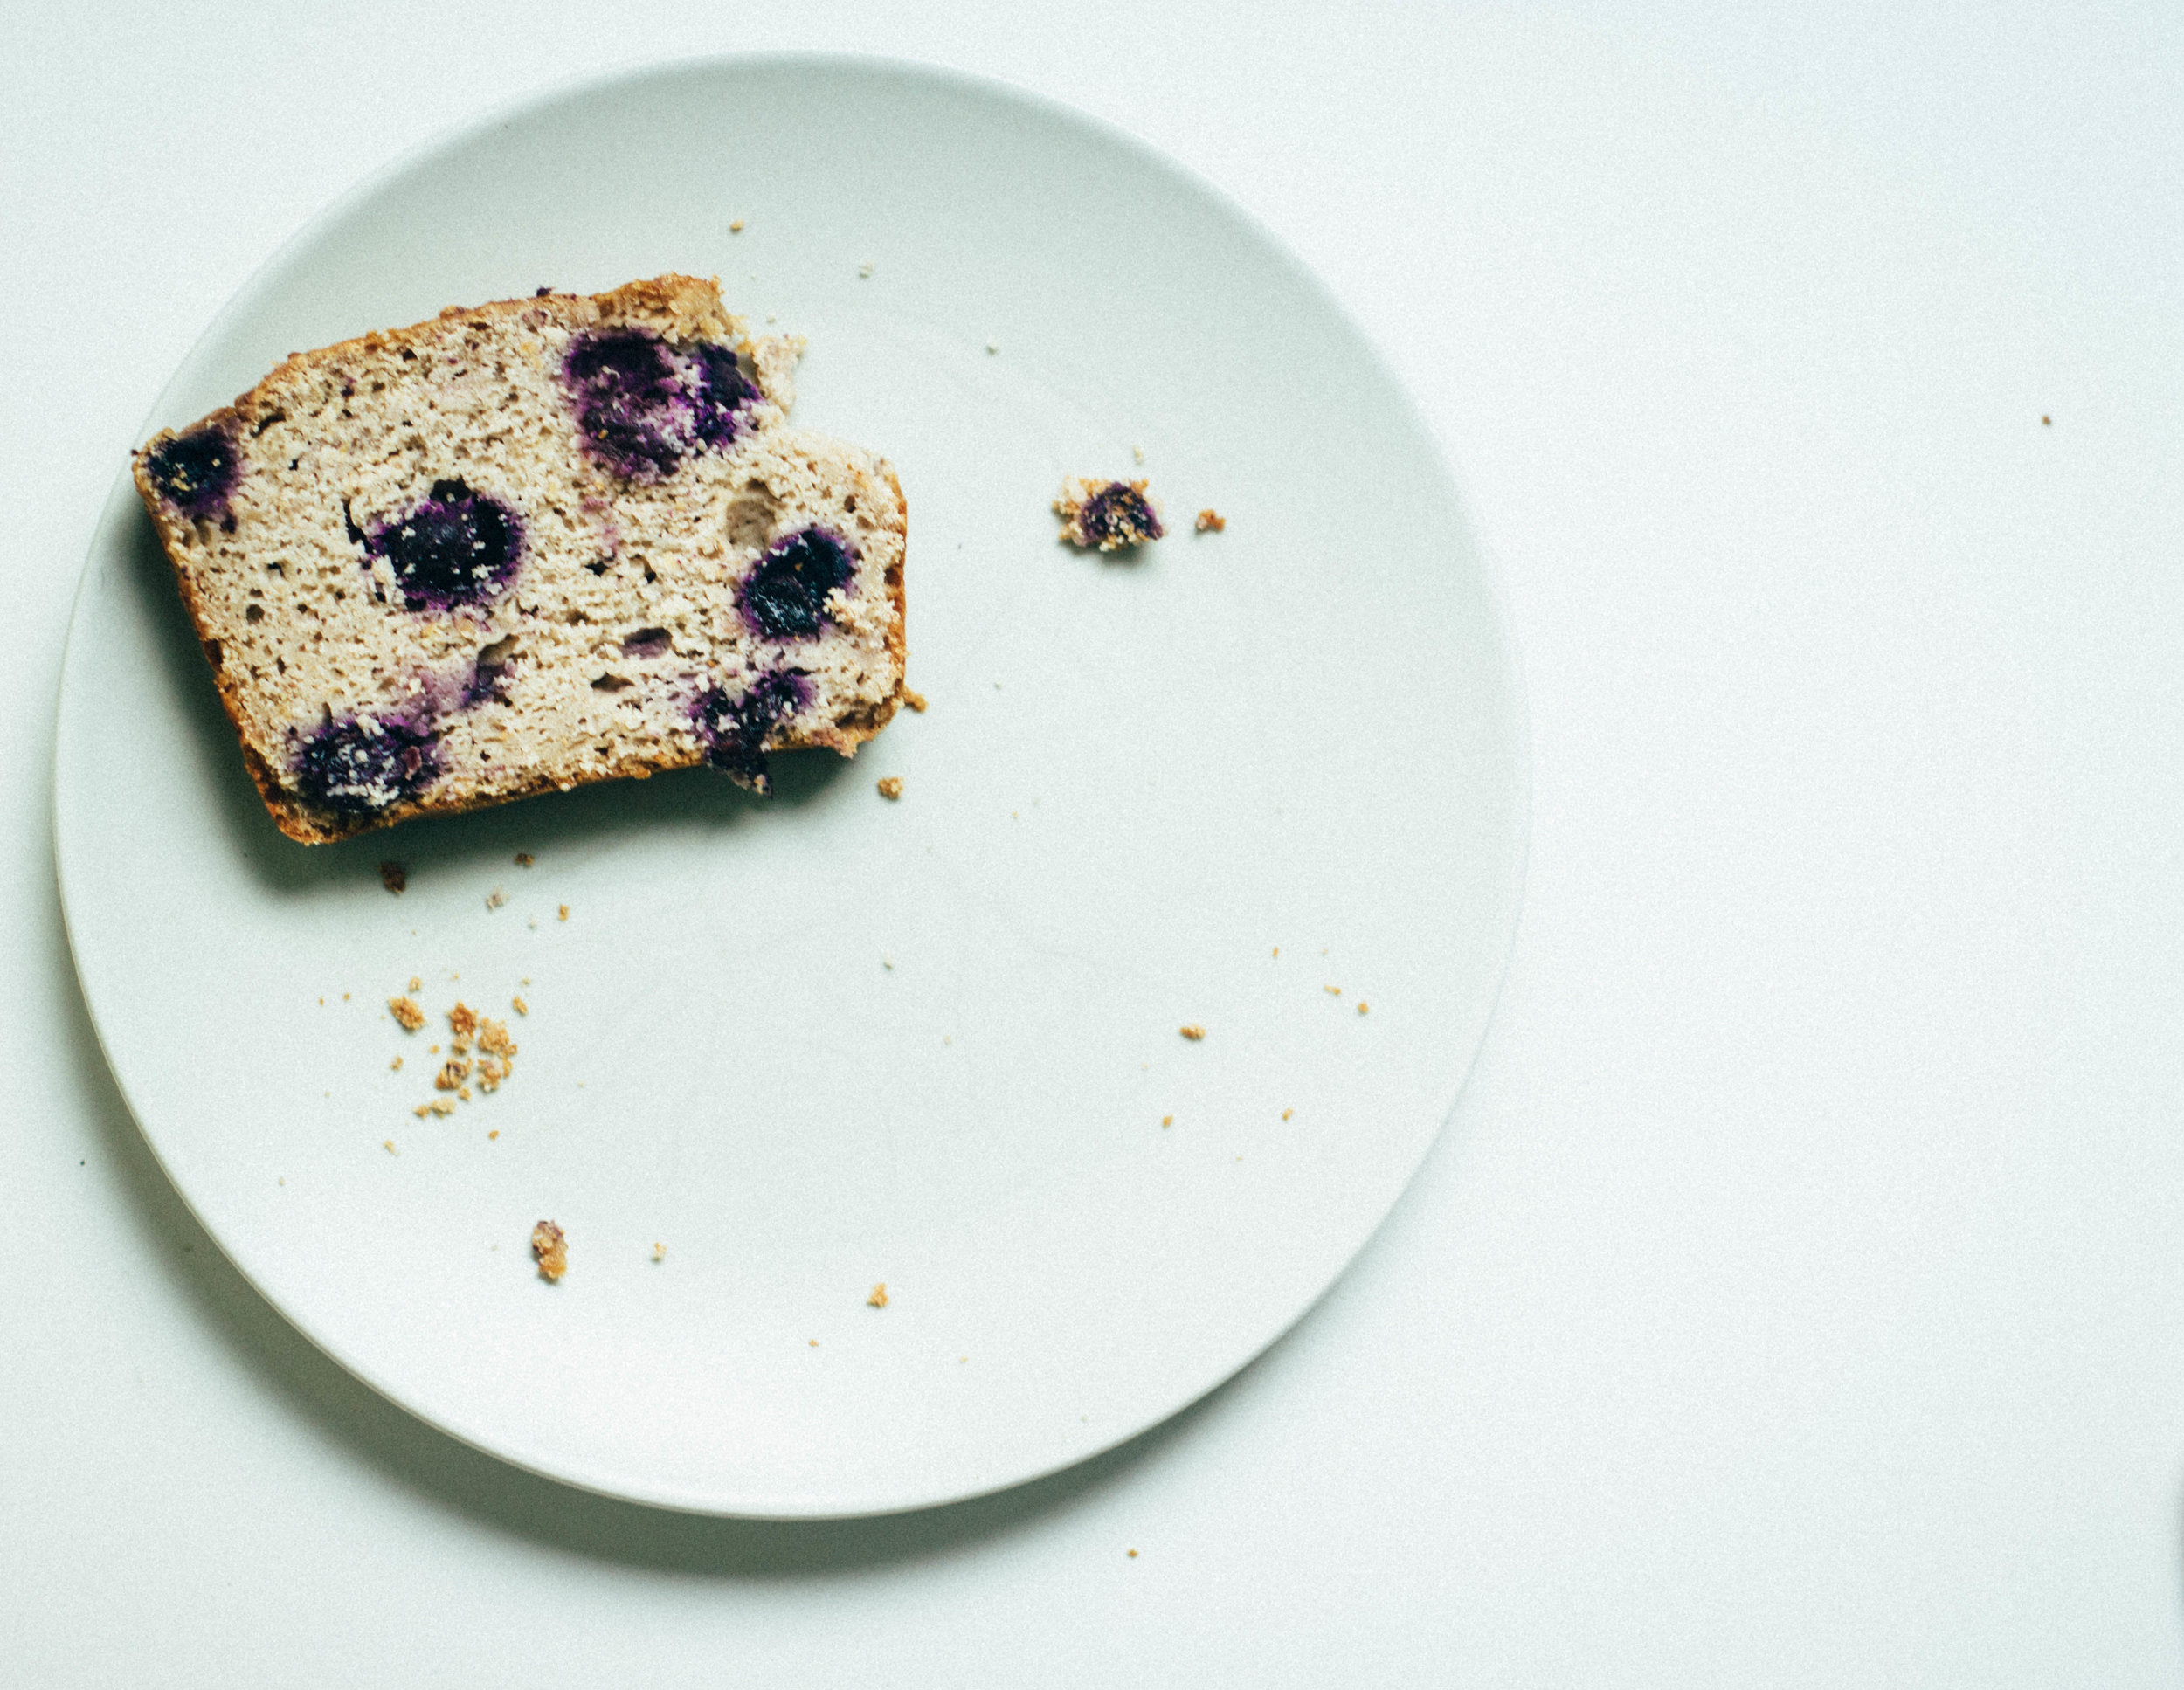 lemon-blueberry loaf